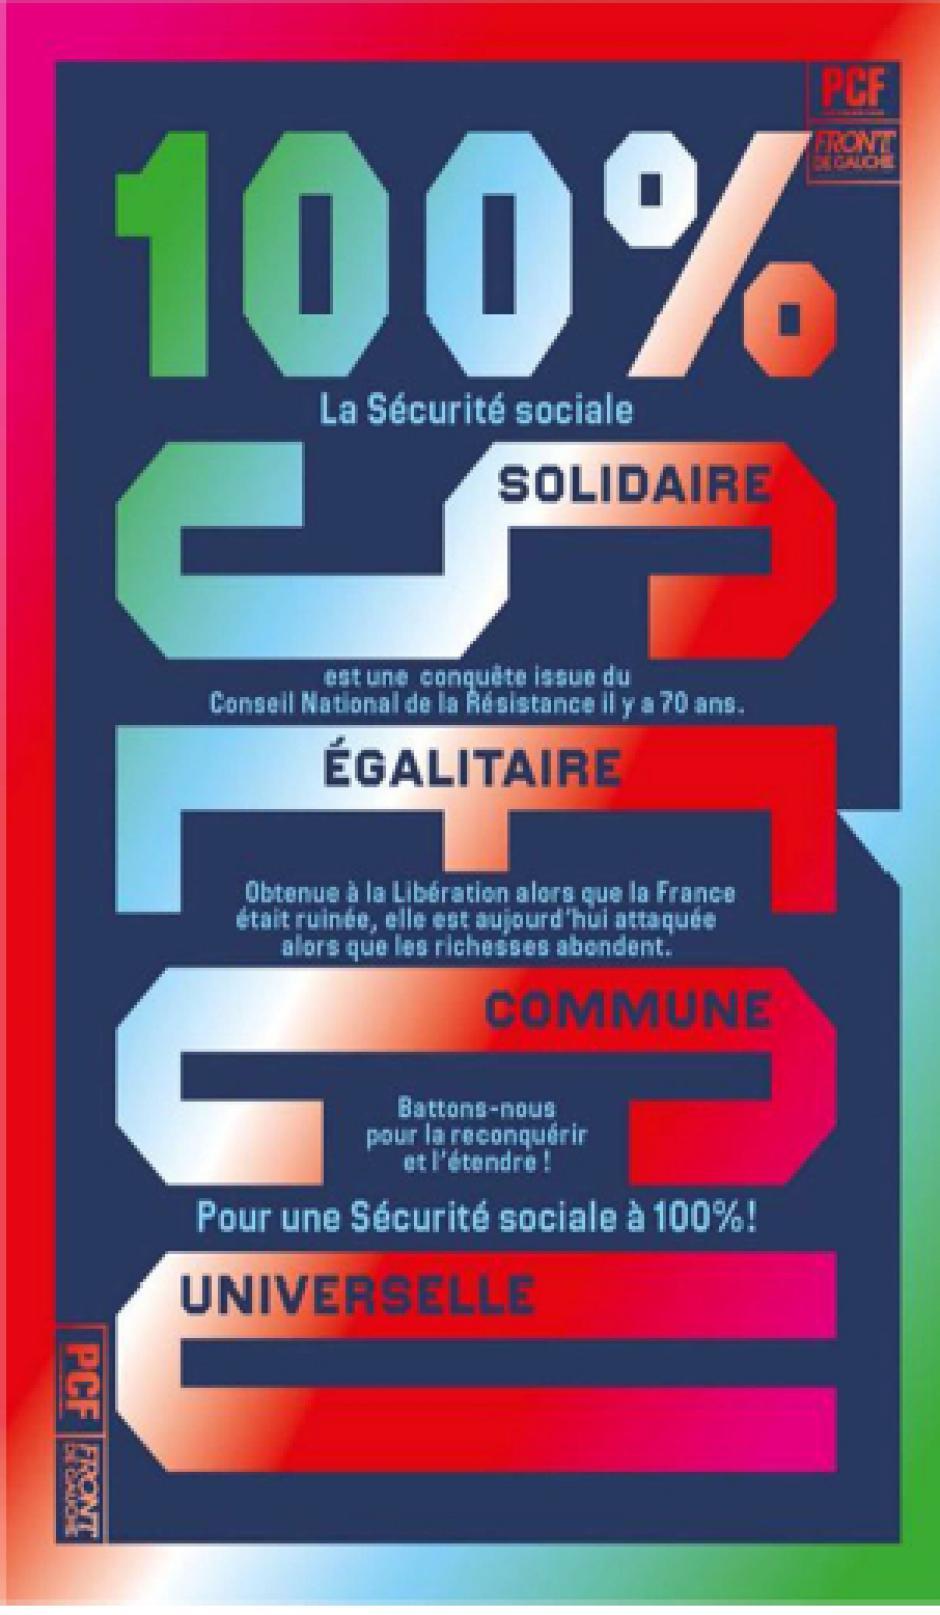 Soirée du 2 octobre pour les 70 ans de la Sécurité sociale - introduction d'Evelyne Vander Heym au titre de la commission Santé/protection sociale du PCF